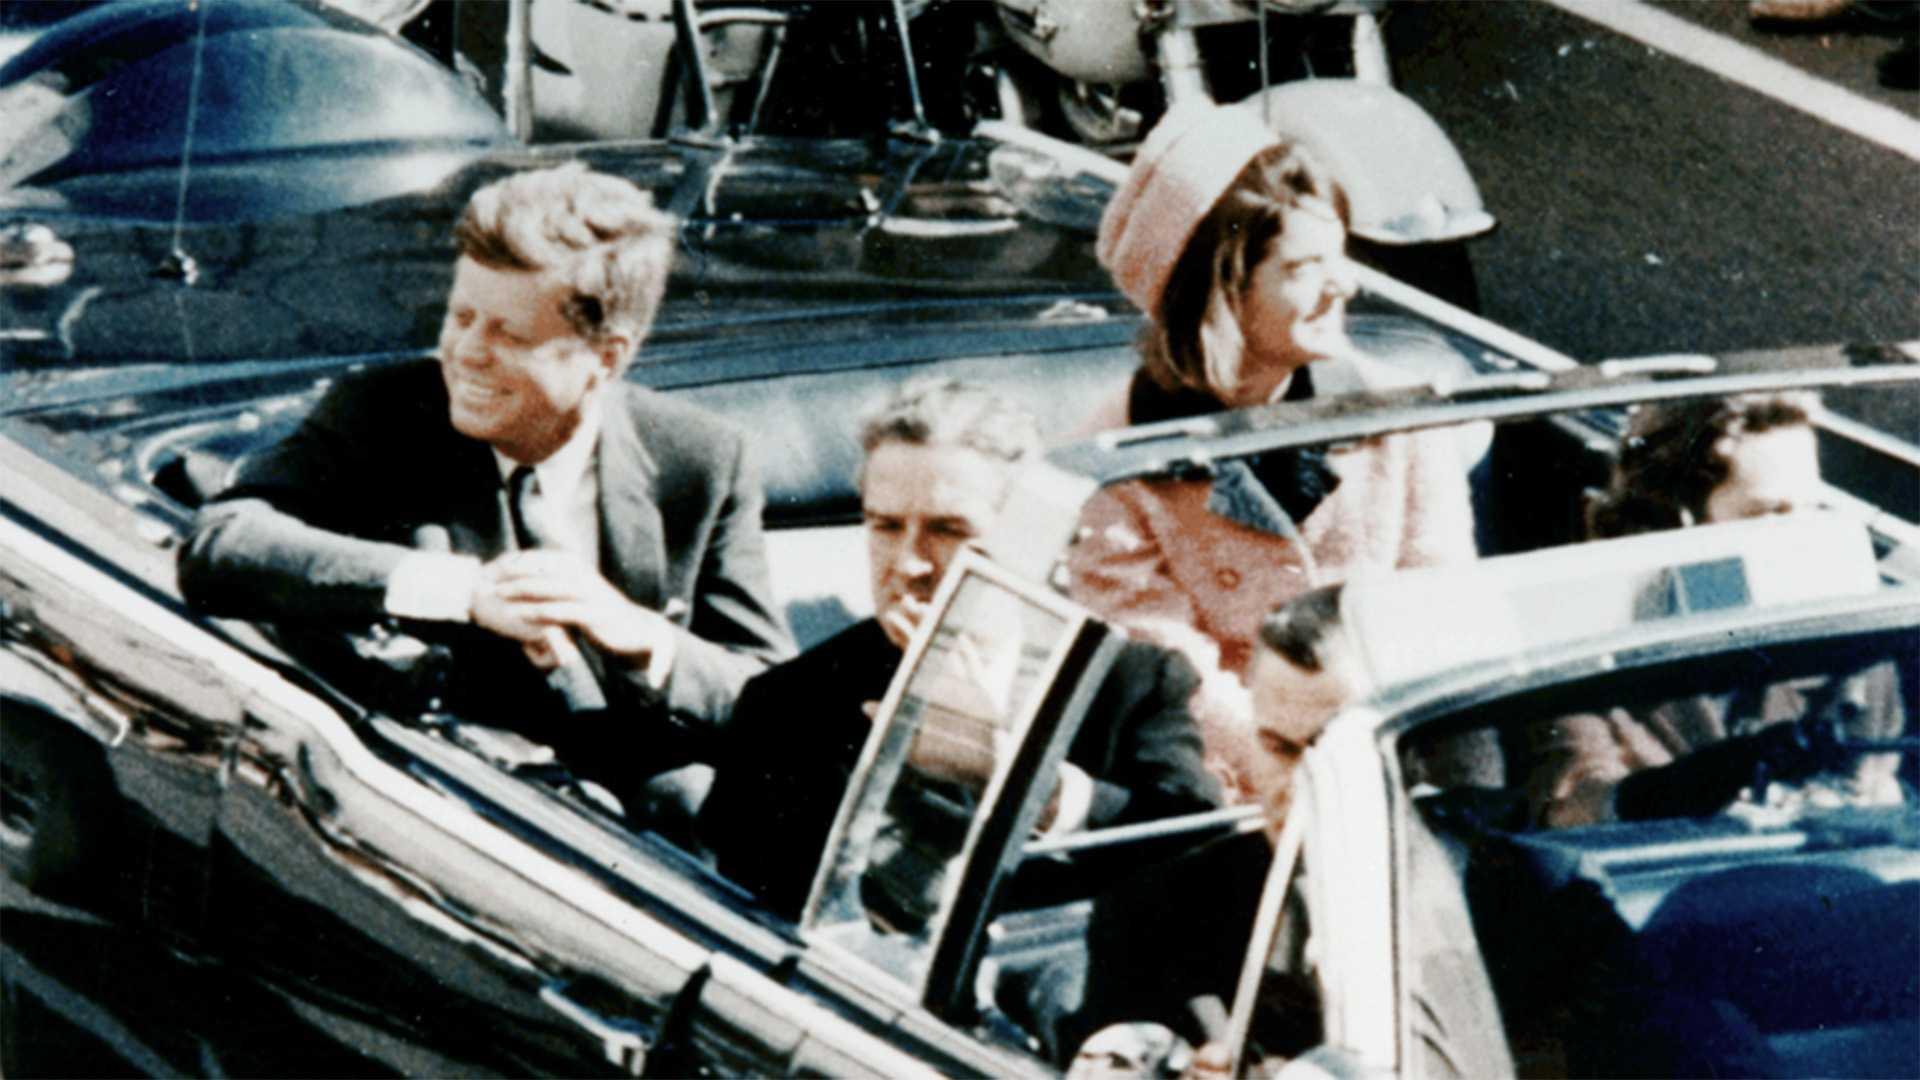 Friday, November 22: JFK 50